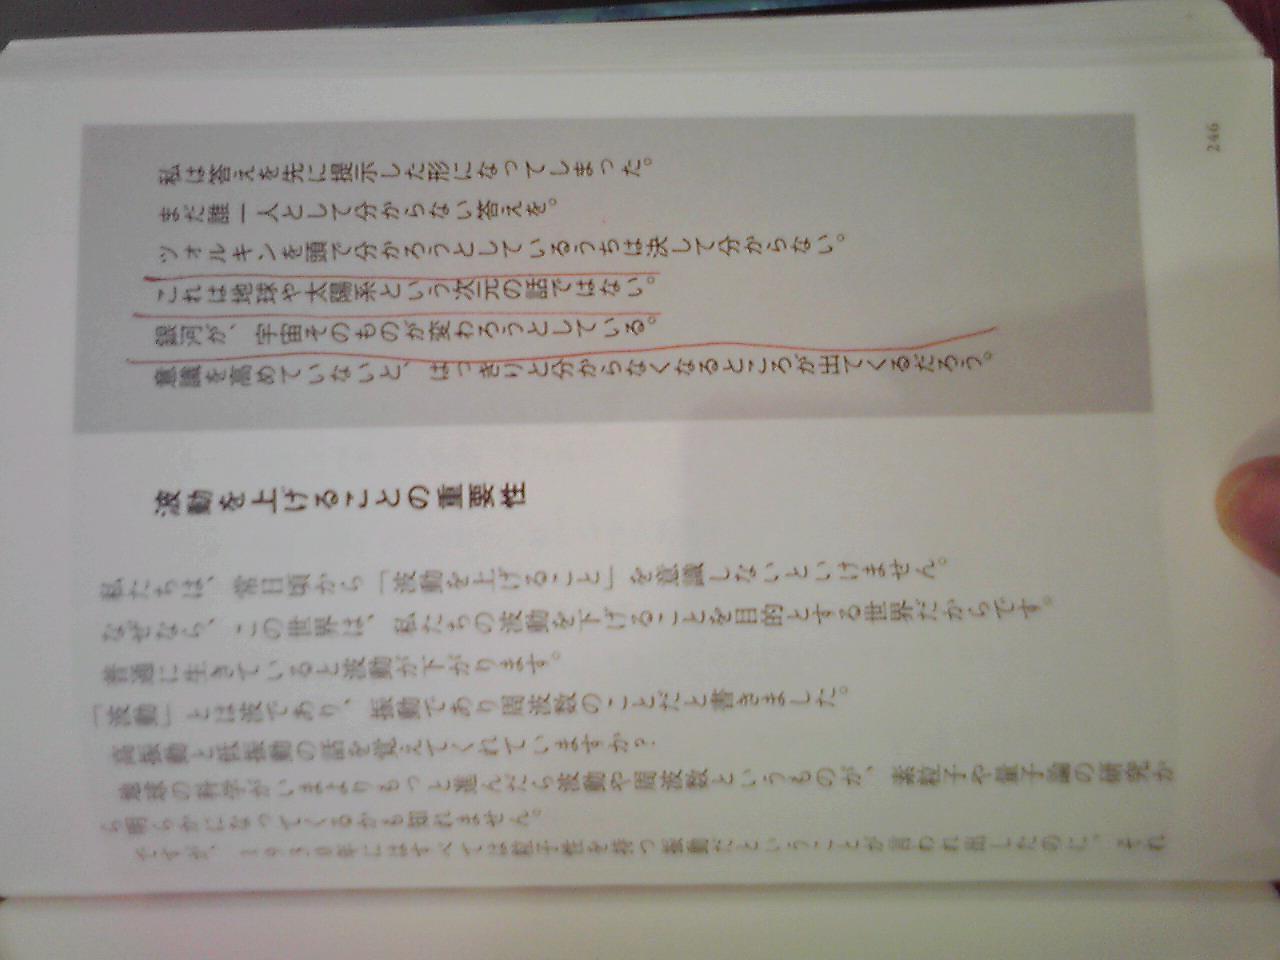 f:id:uta_stream:20191125175107j:plain